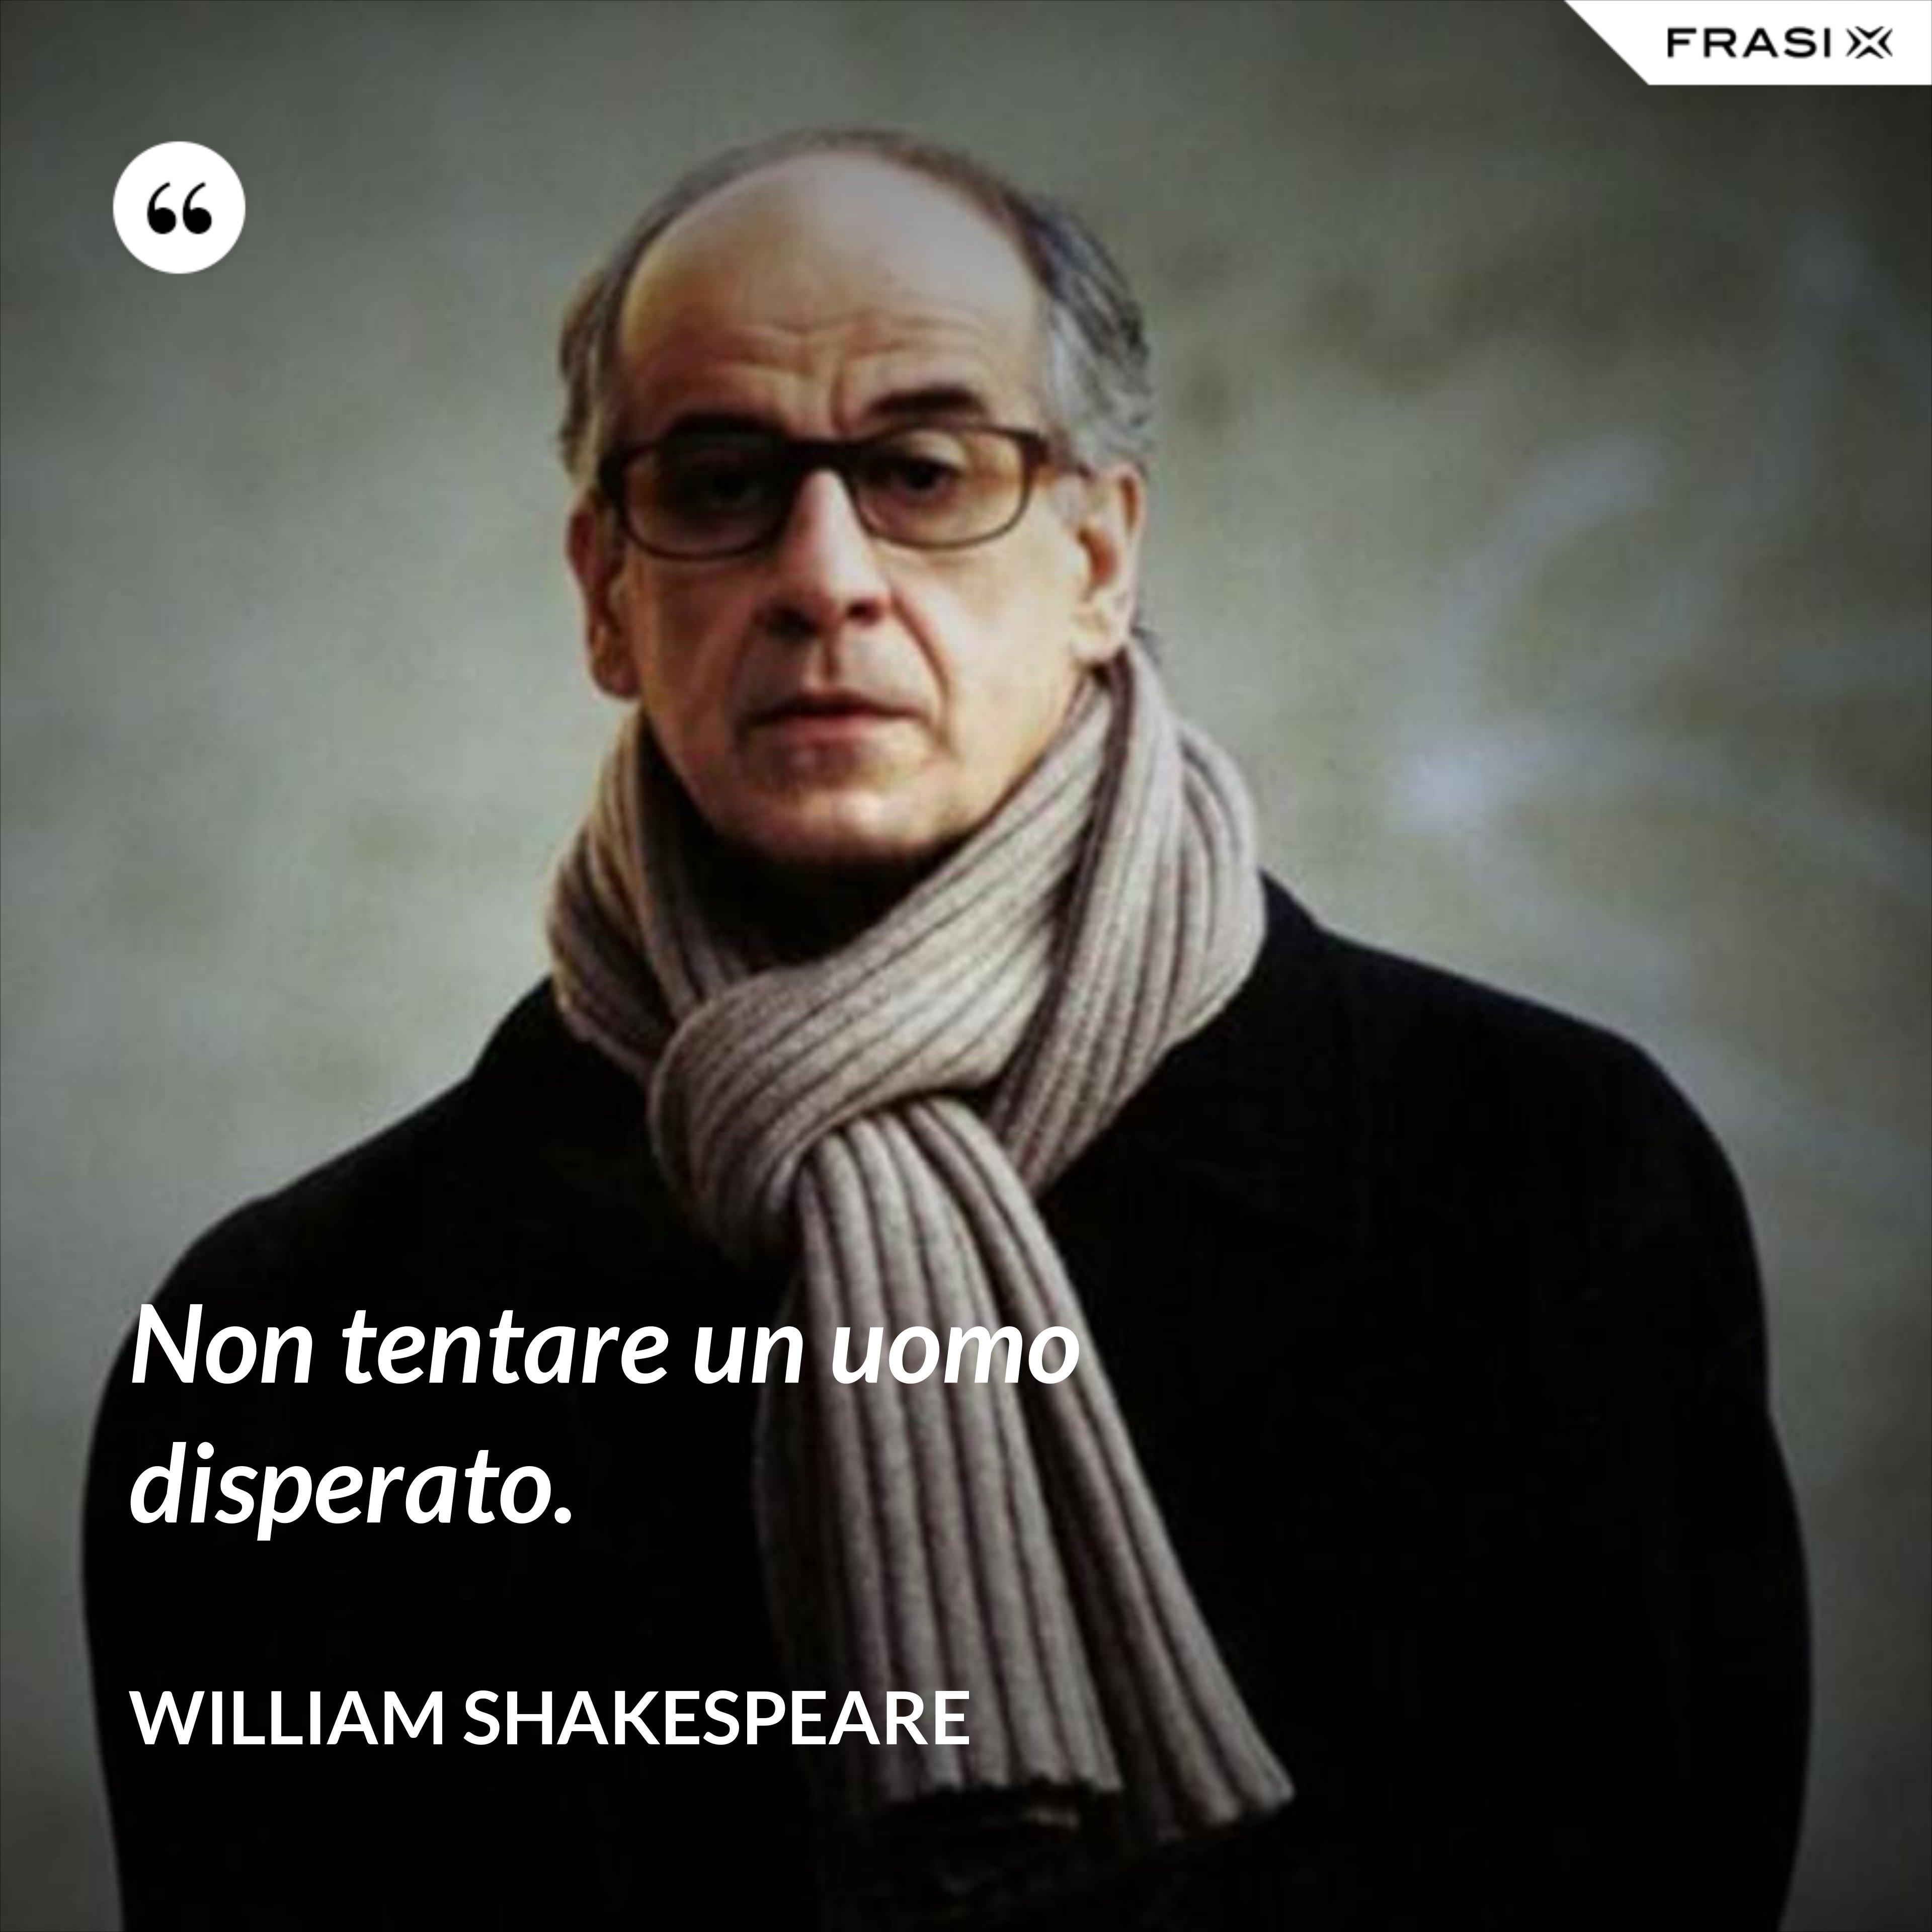 Non tentare un uomo disperato. - William Shakespeare